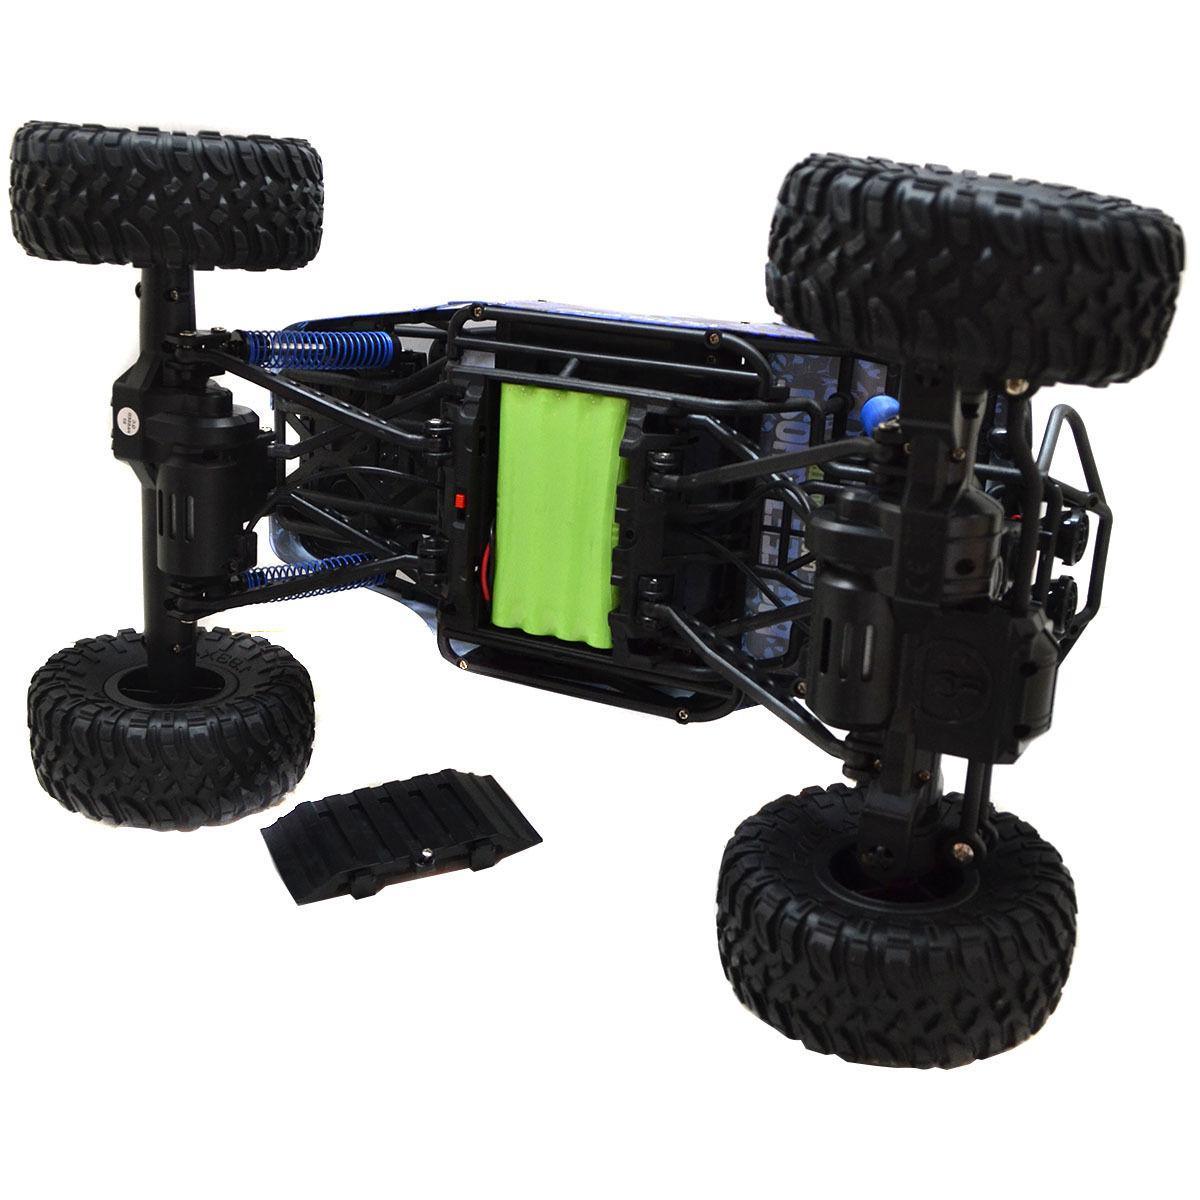 1:10 4 Wheel Drive Remote Control Green